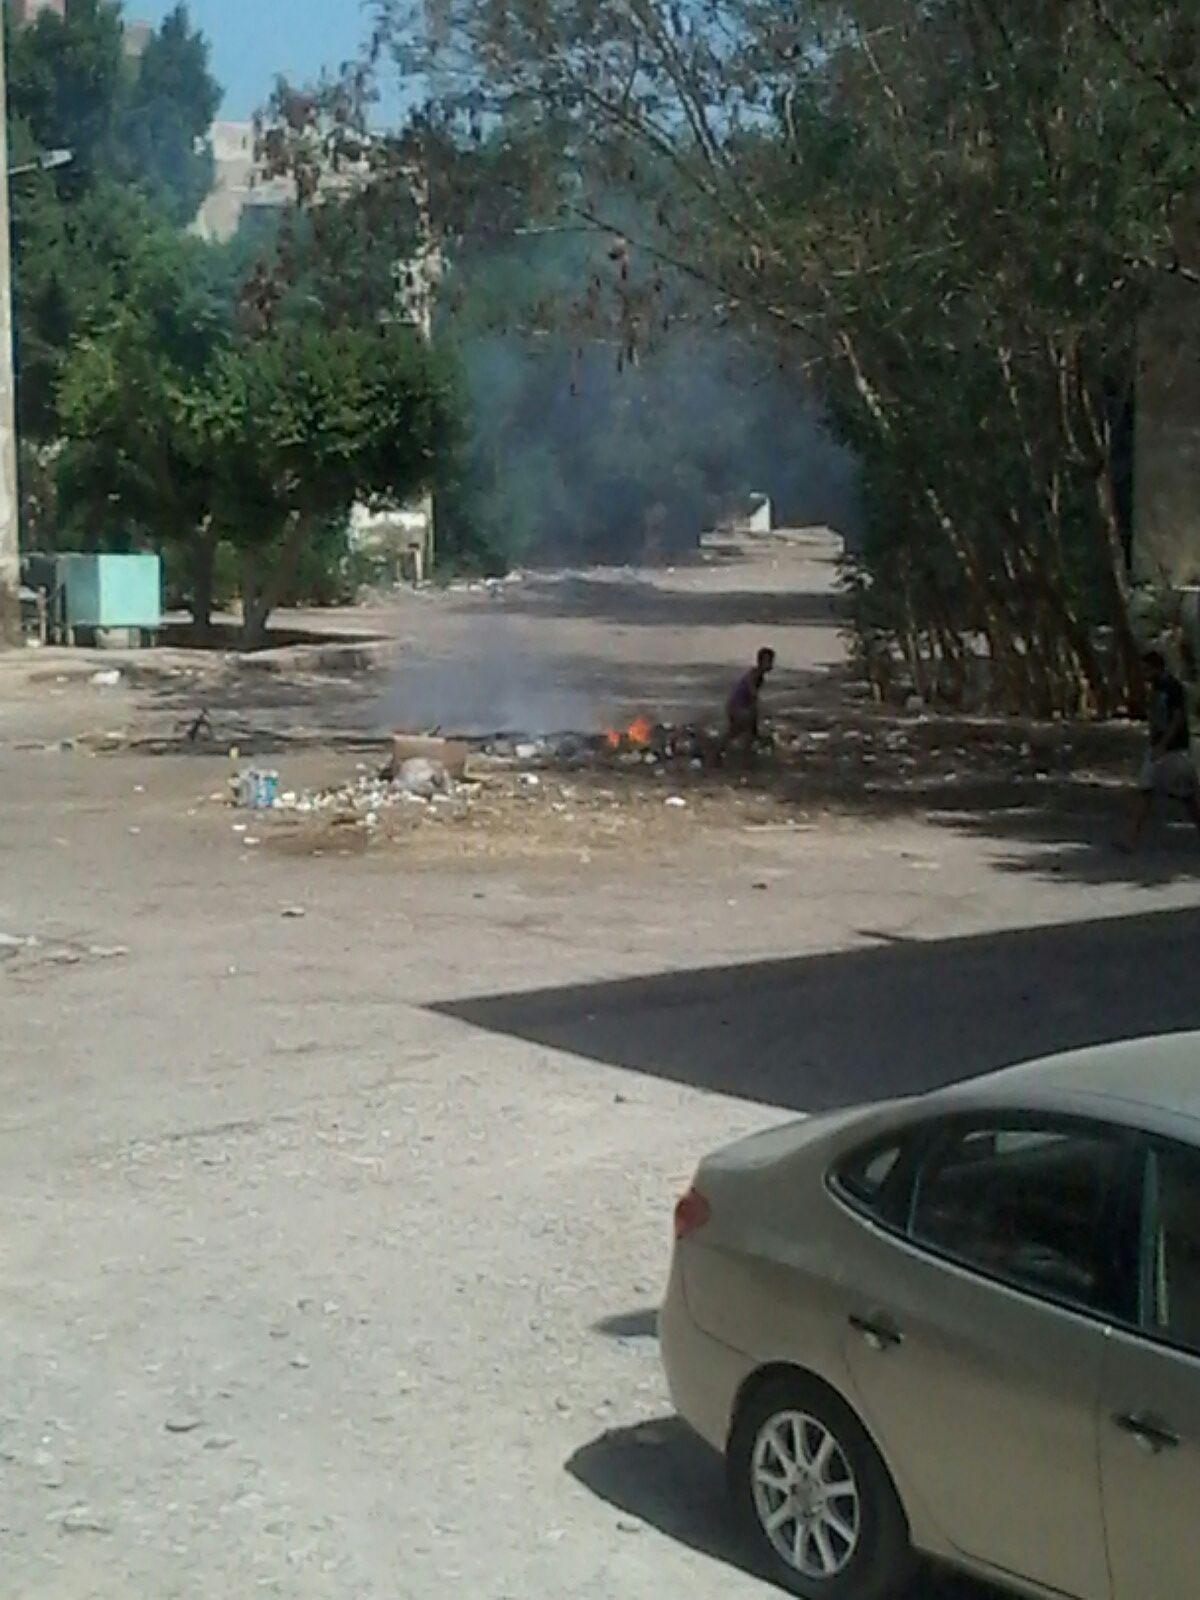 بالصور.. عمال نظافة يحرقون القمامة في شوارع بالغردقة